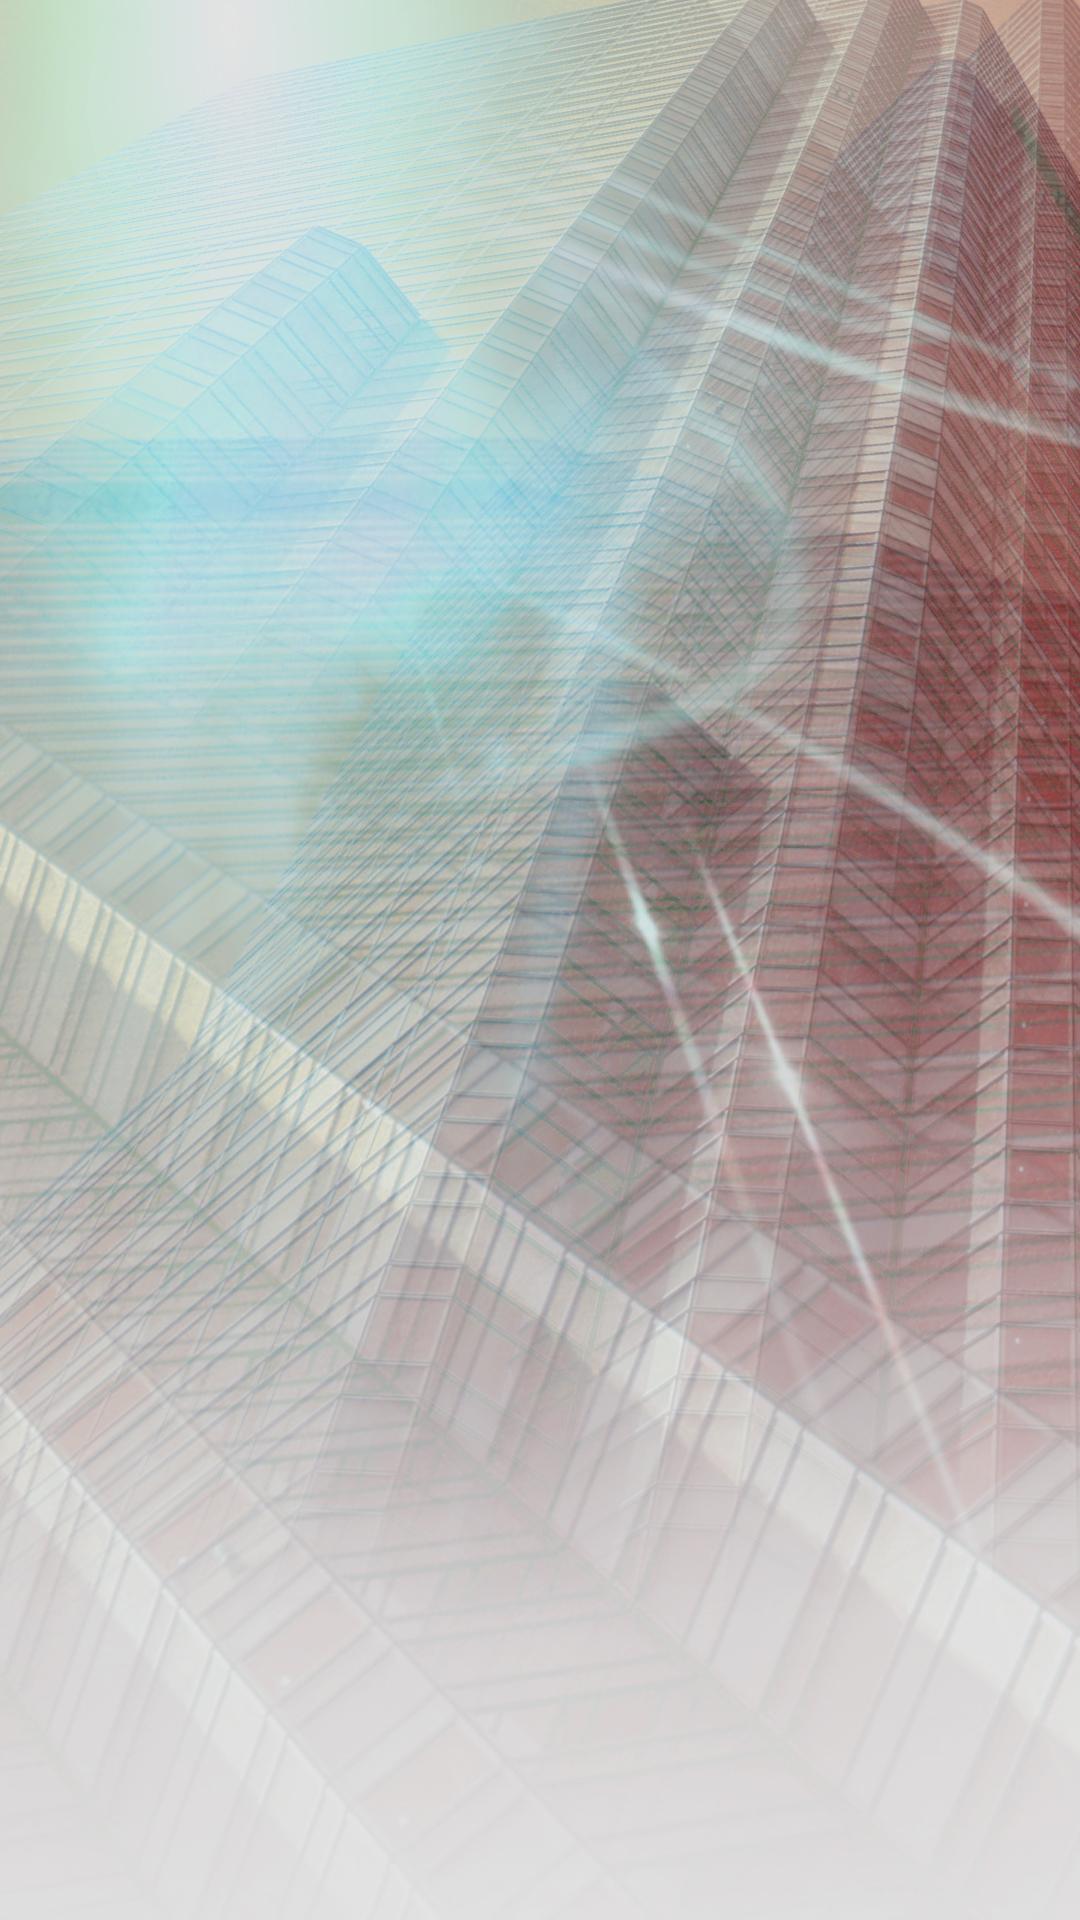 グラデーション建物青の iPhone7 Plus 壁紙